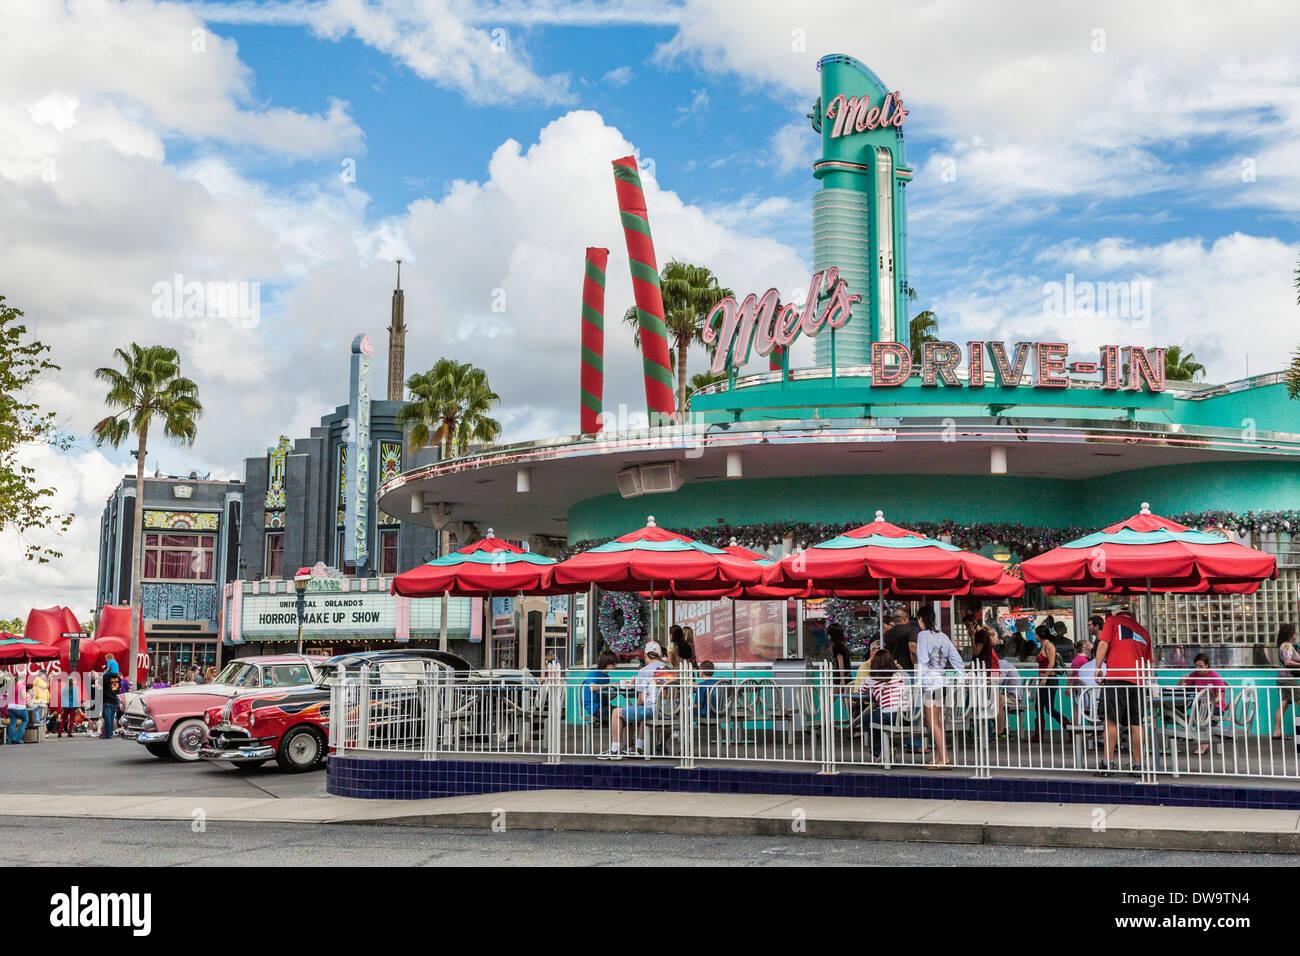 Oldtimer der 50er Jahre auf die Nachbildung der Mel es Drive-In Restaurant im Themenpark Universal Studios in Orlando, Florida Stockbild